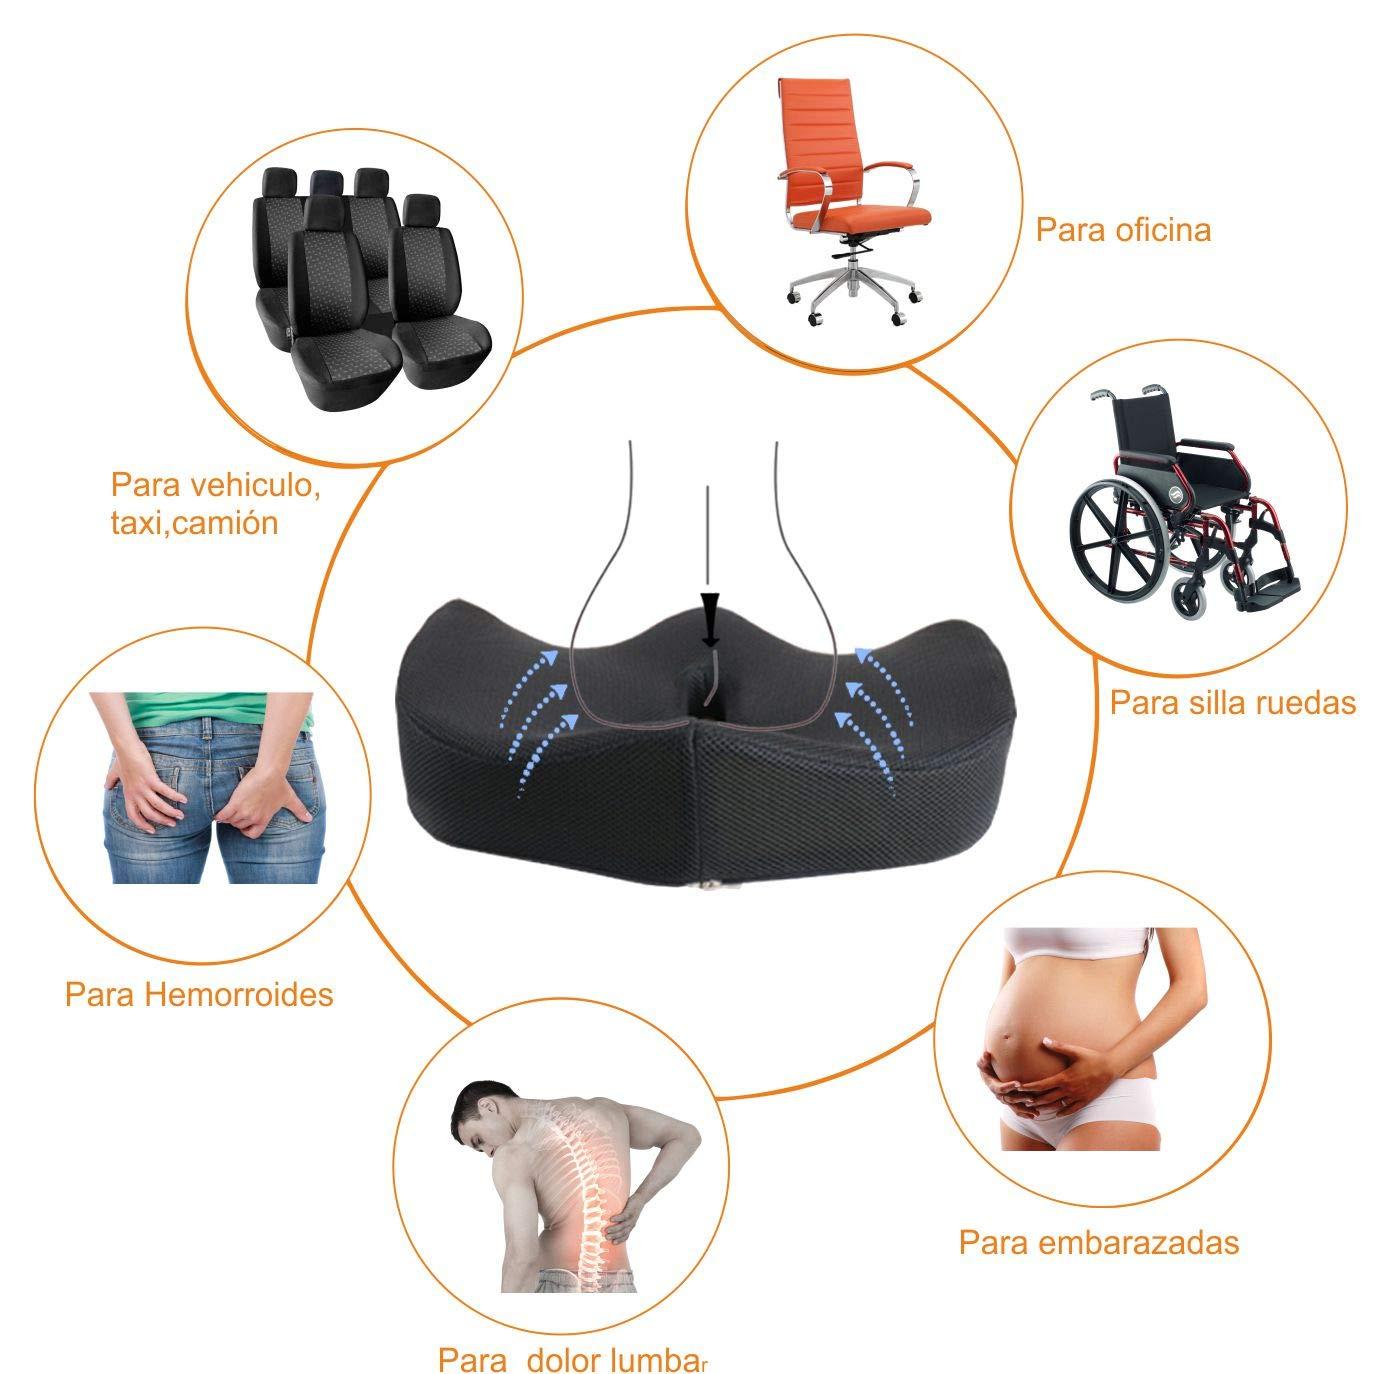 AIMO COJÍN SC001 ortopedico anatomico , aliva presiones coxis, prostata, hernias: Amazon.es: Hogar